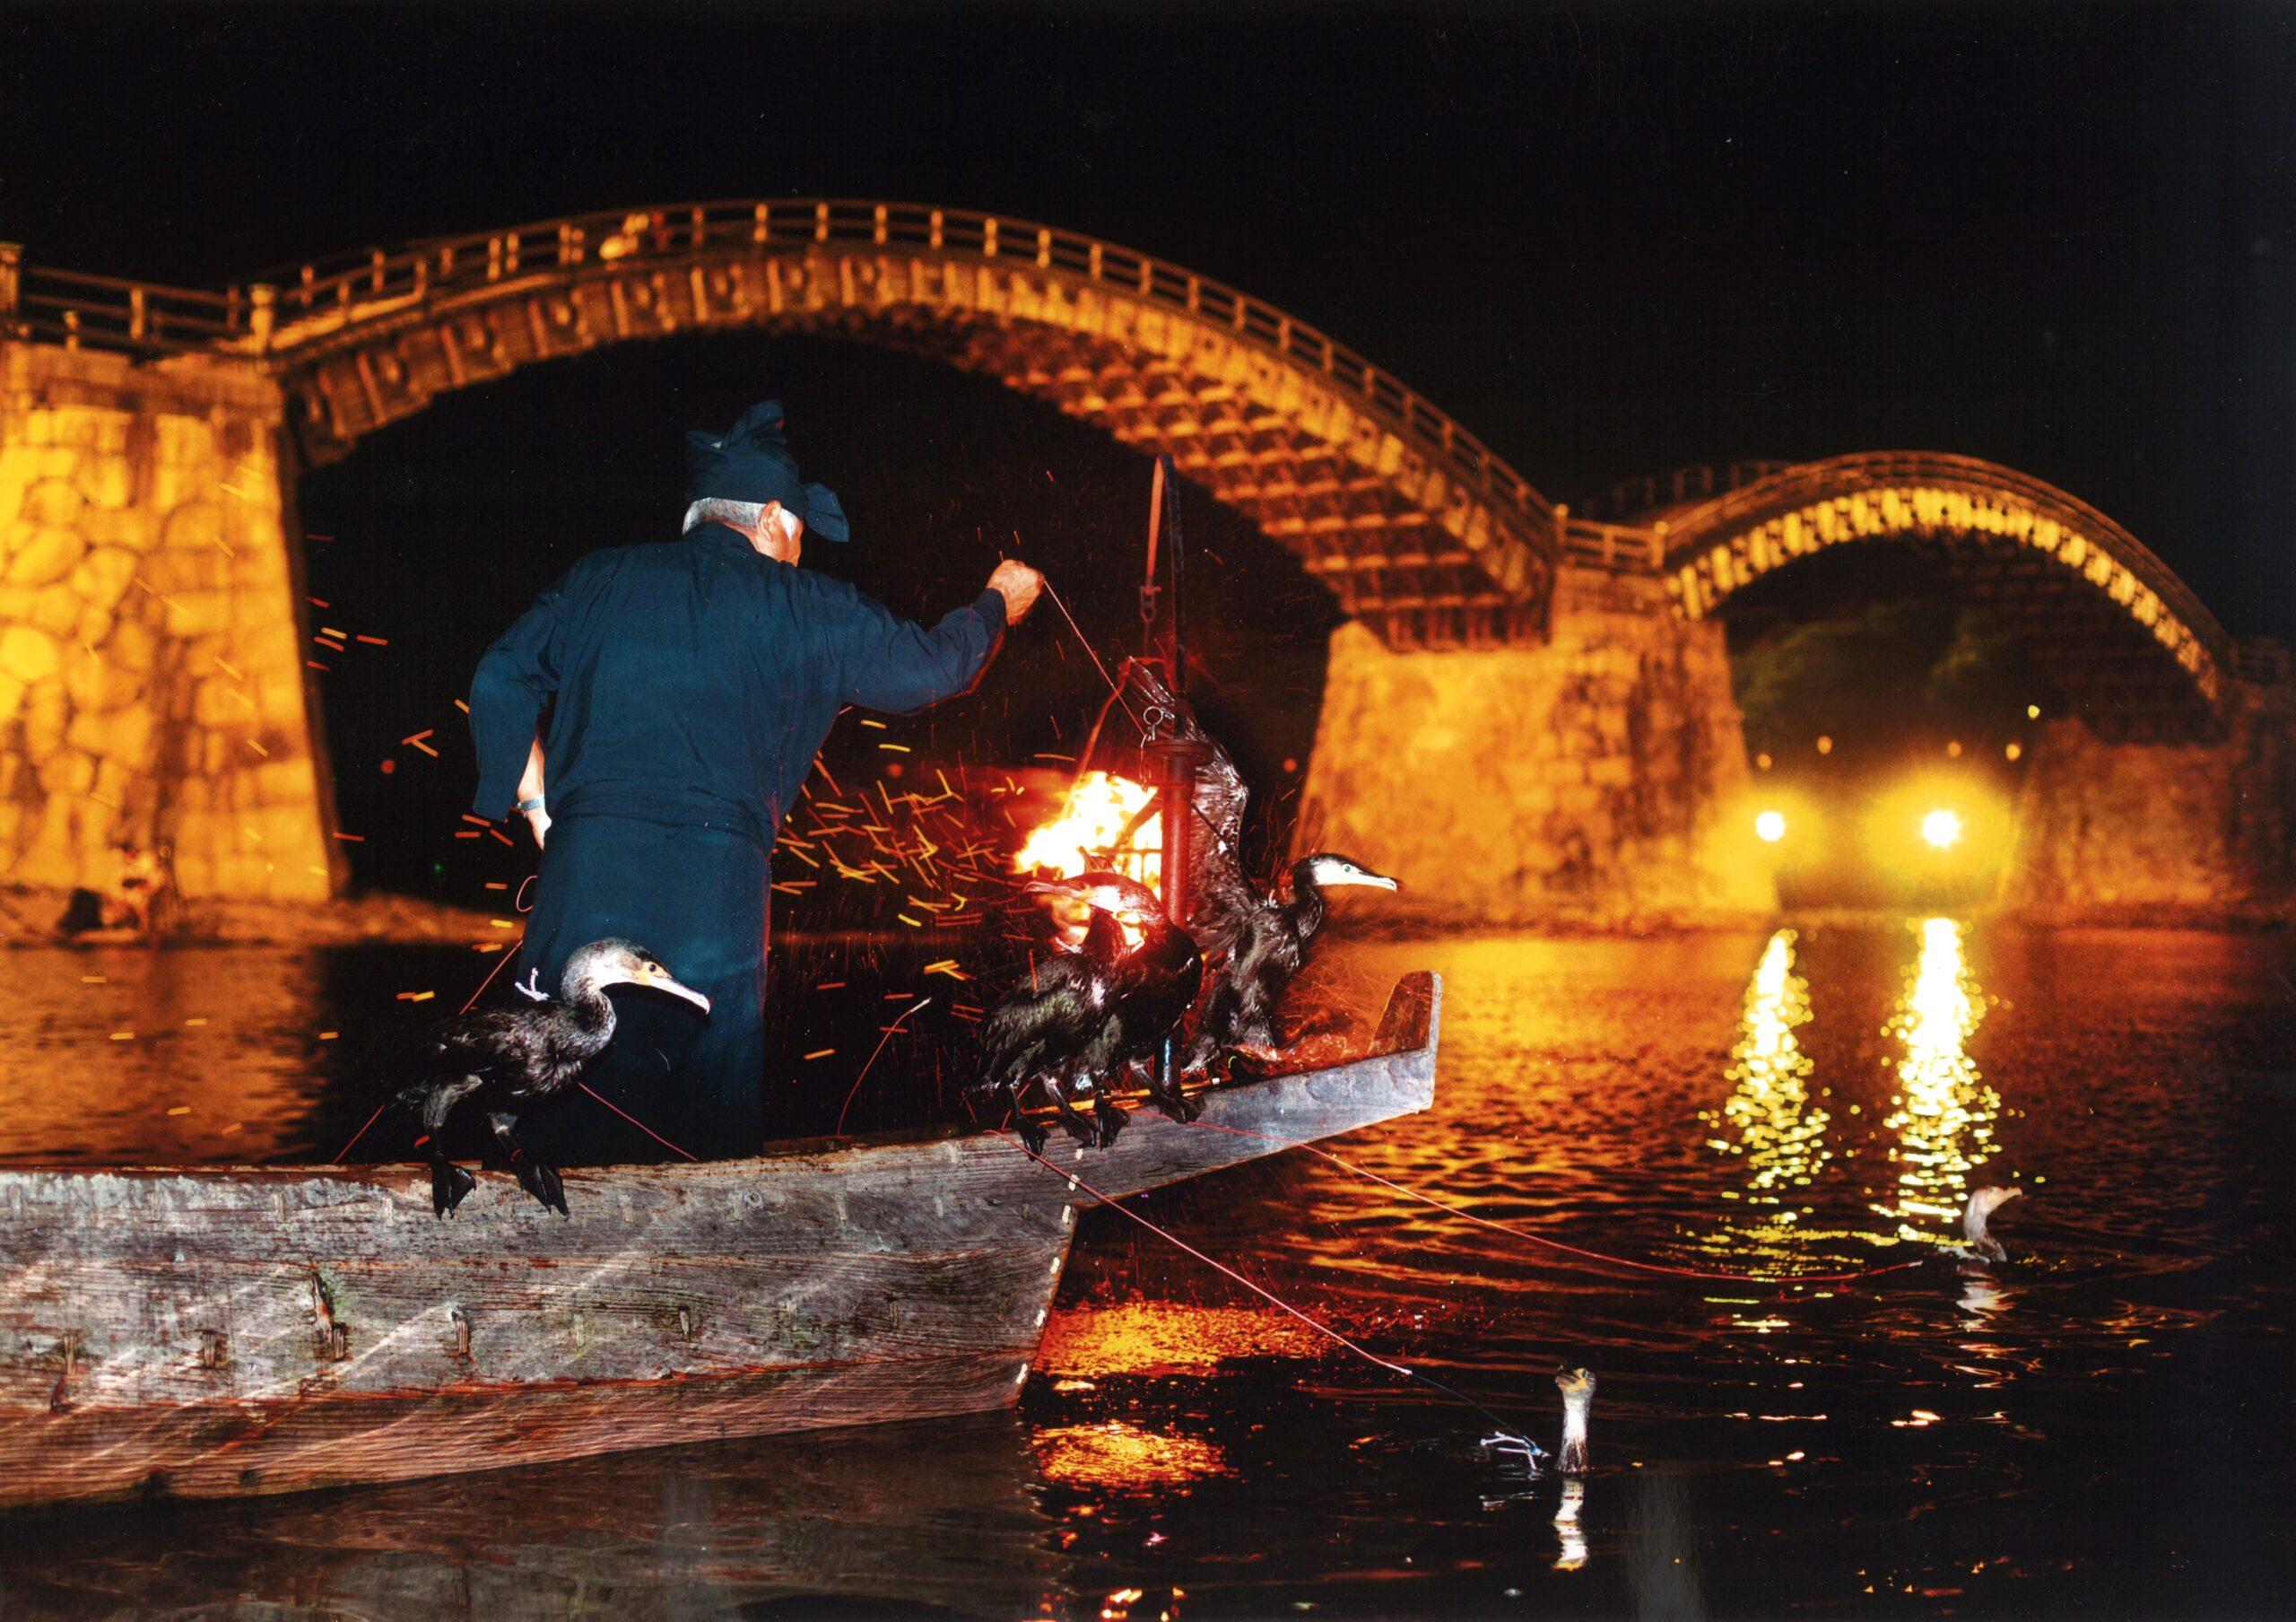 夏の風物詩!山口県の「錦帯橋のう飼」が2021年は7月1日から開催に